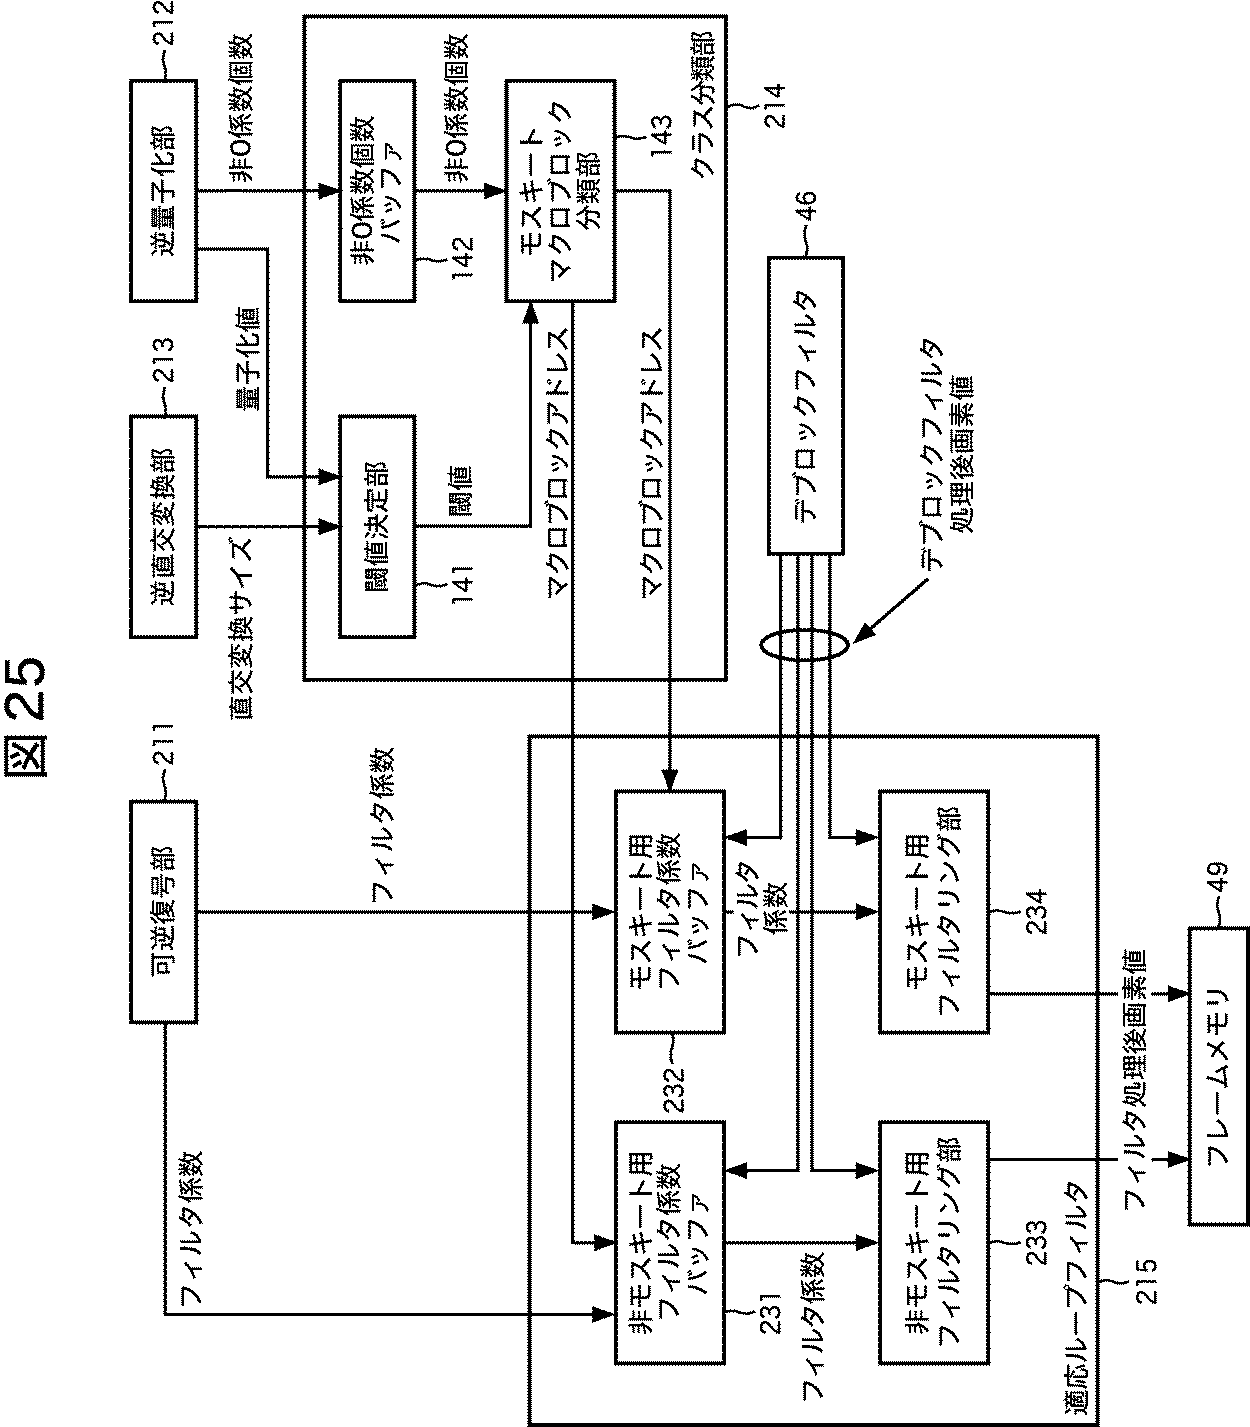 专利wo2011083713a1